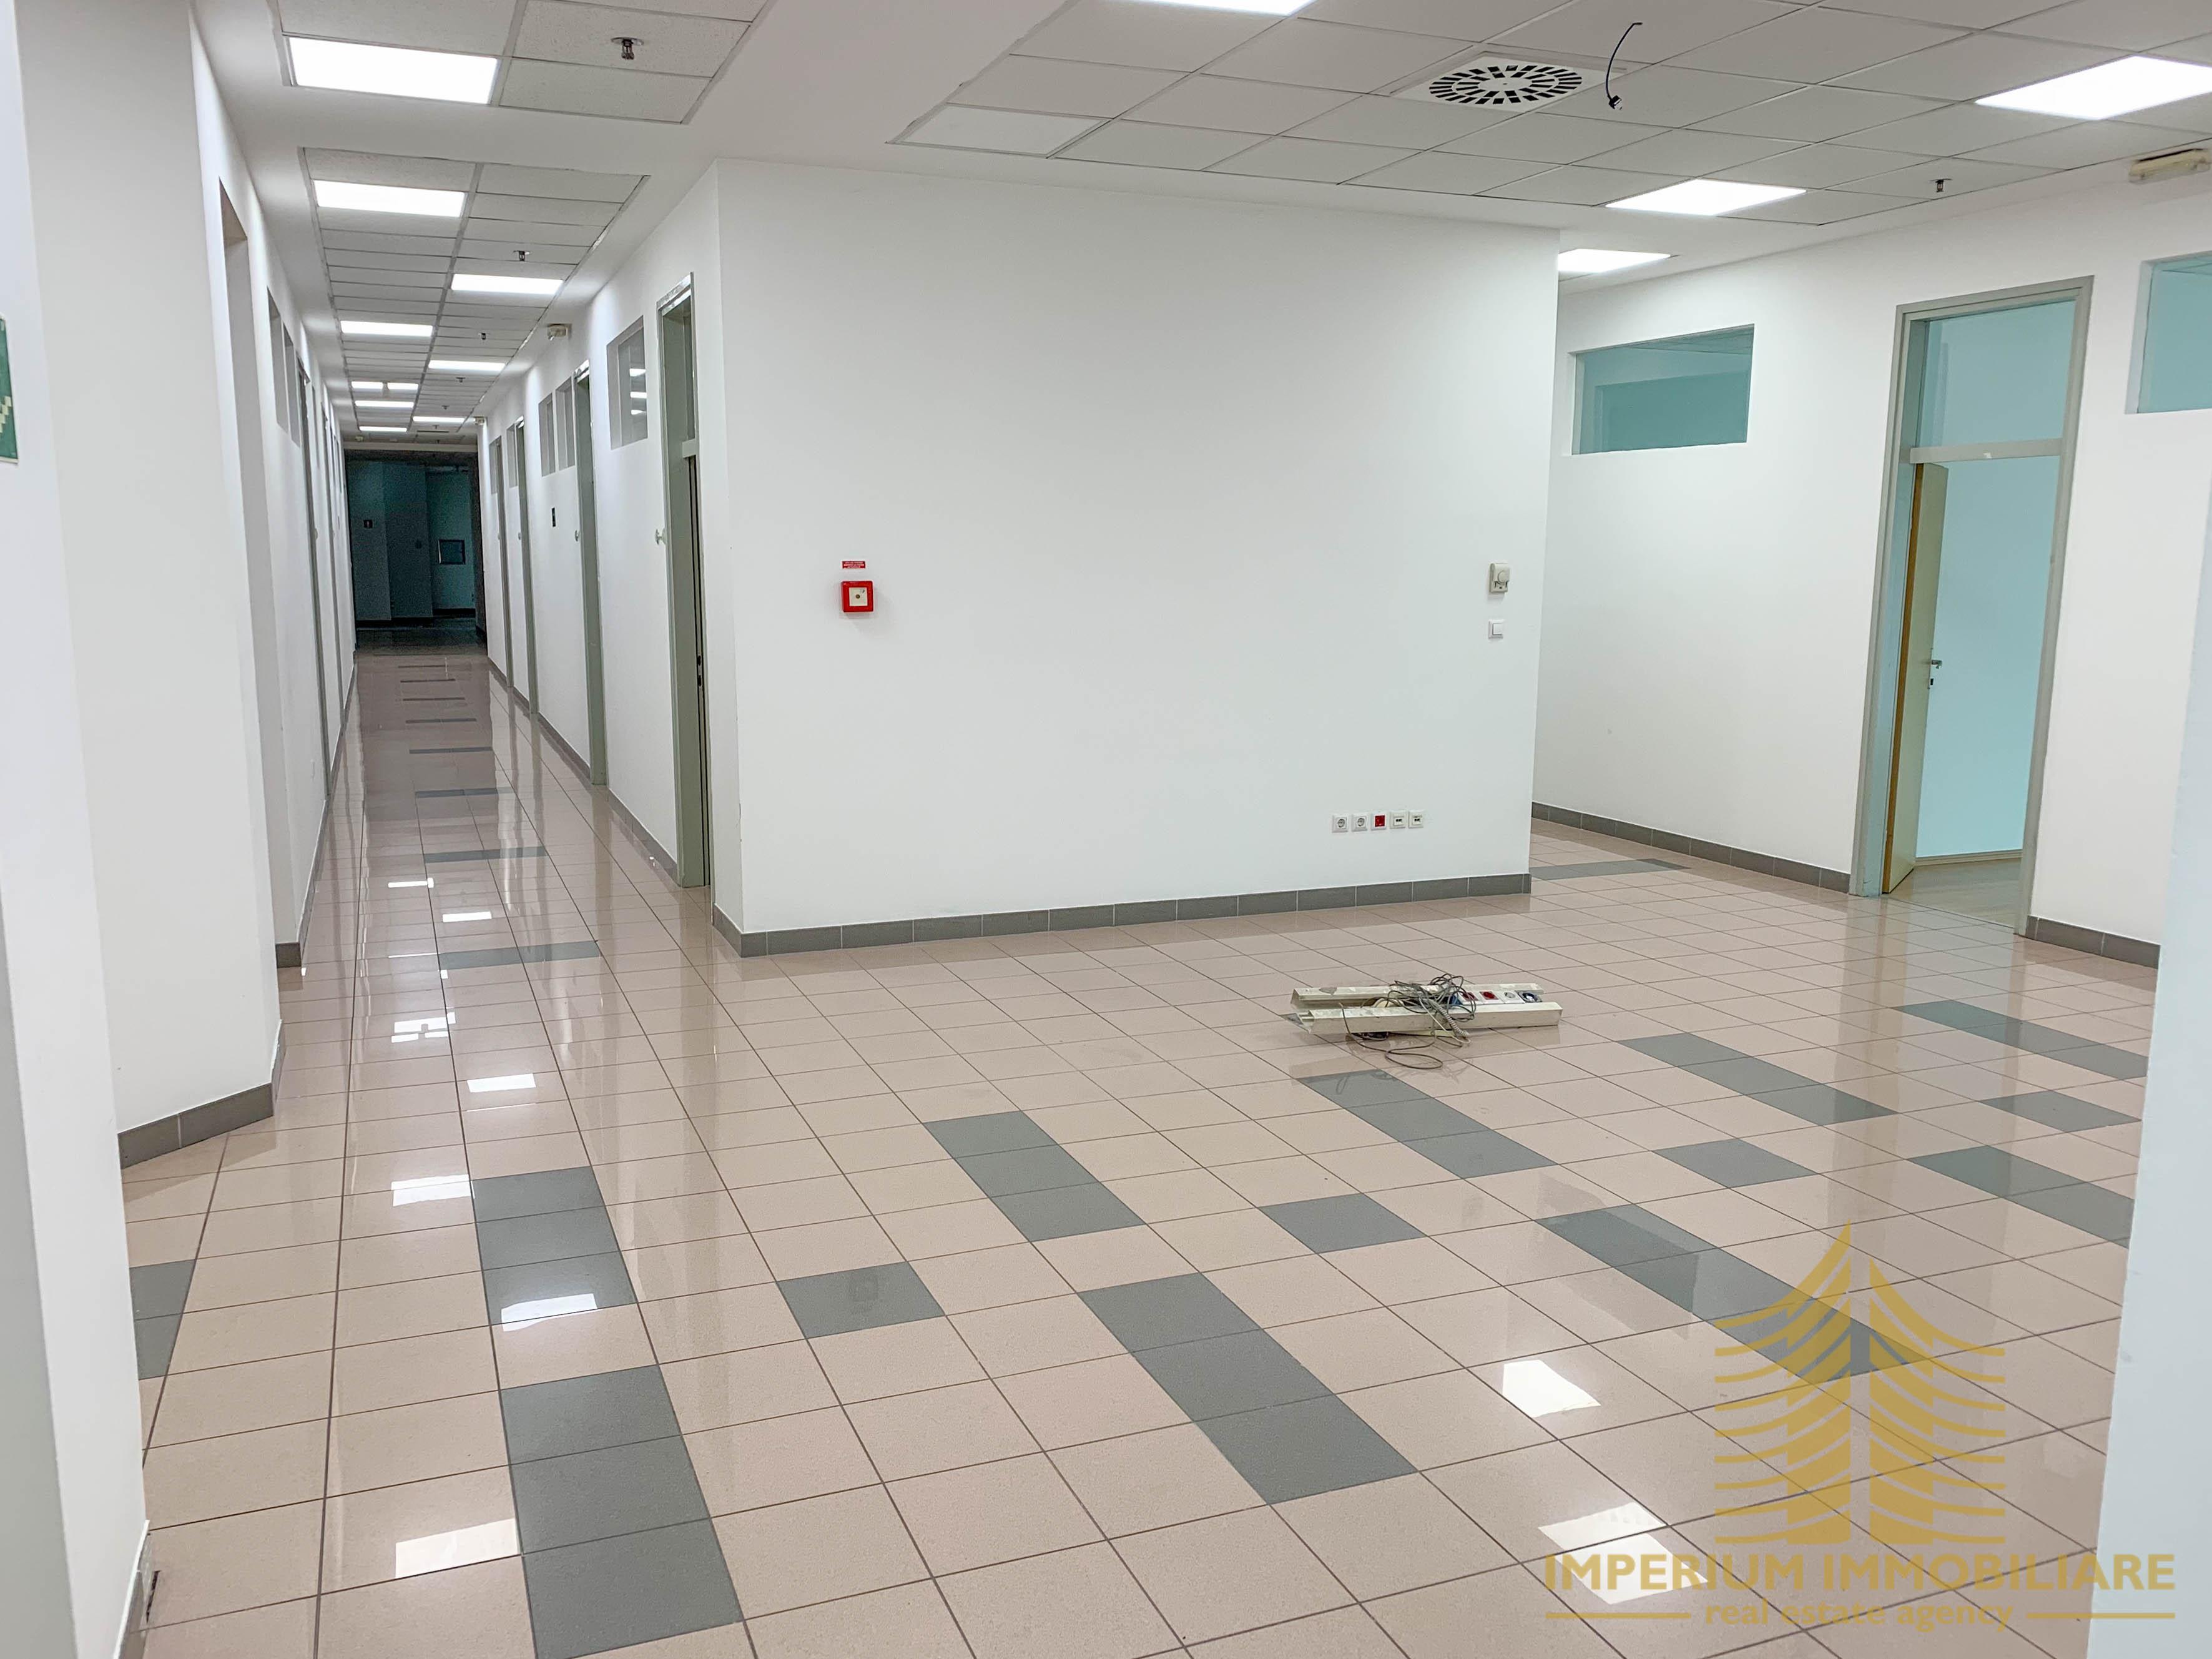 Poslovni prostor: Zagreb (Buzin), uredski, 1128 m2 (iznajmljivanje)